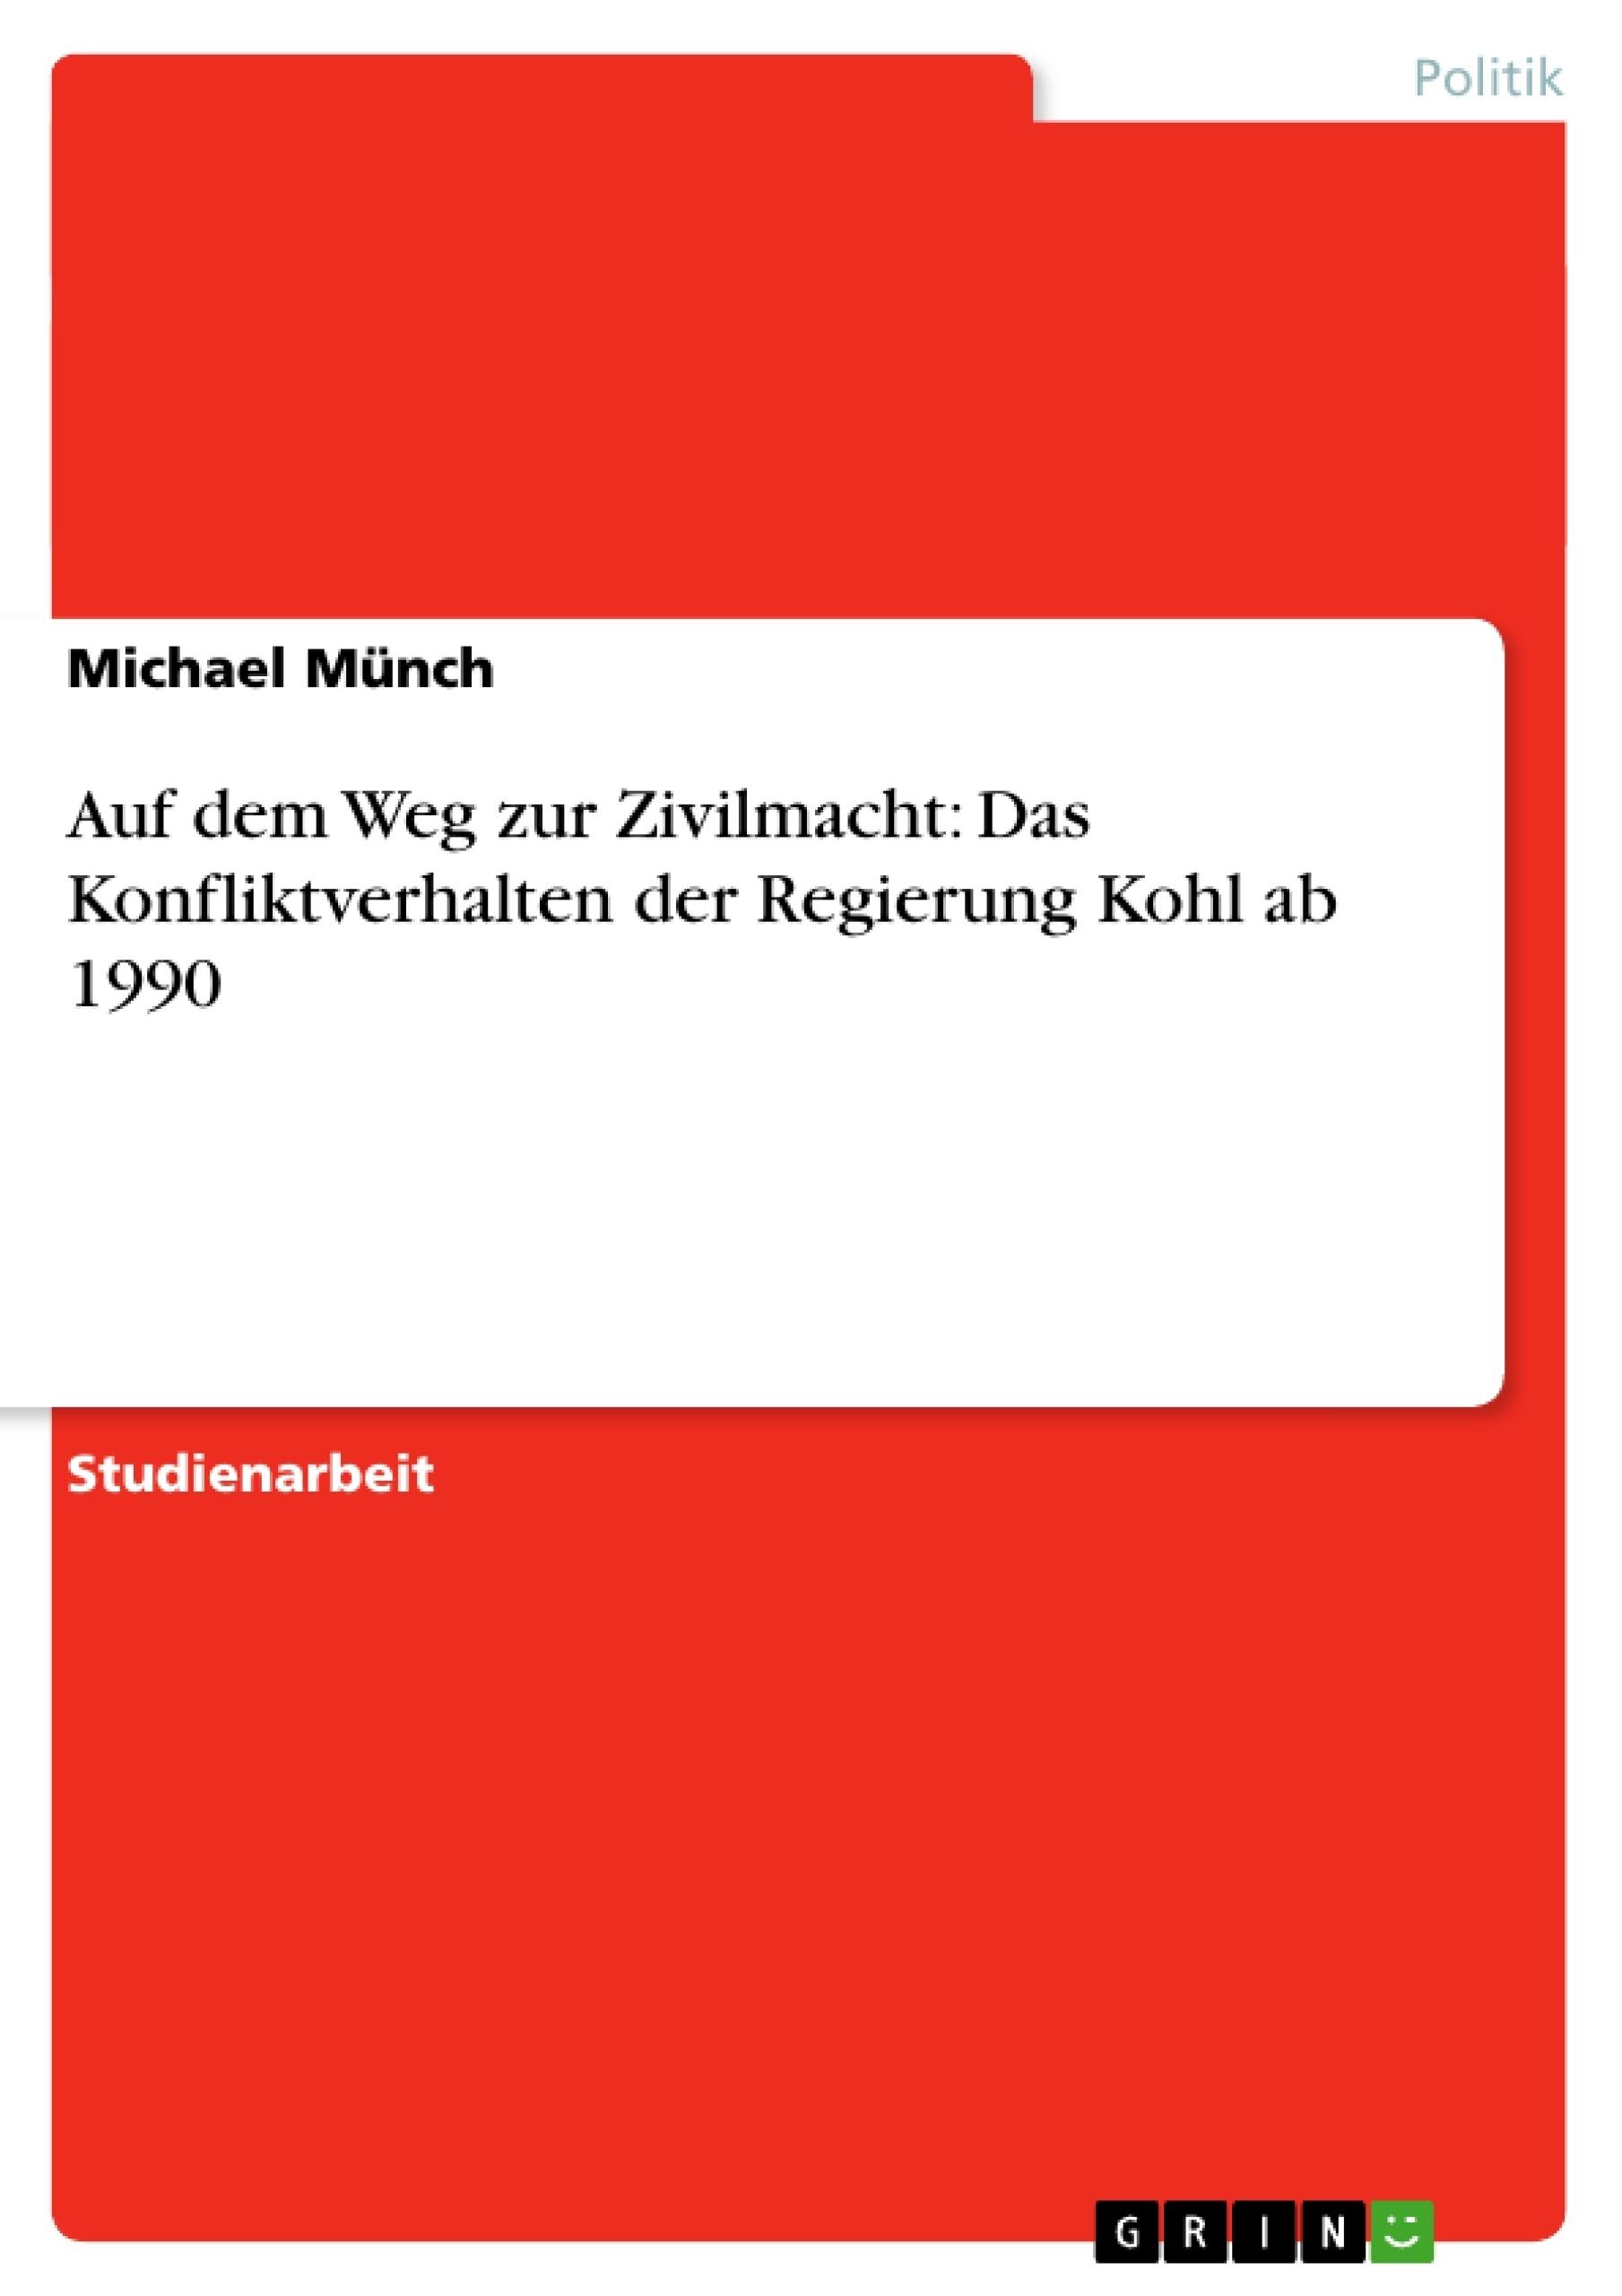 Titel: Auf dem Weg zur Zivilmacht: Das Konfliktverhalten der Regierung Kohl ab 1990